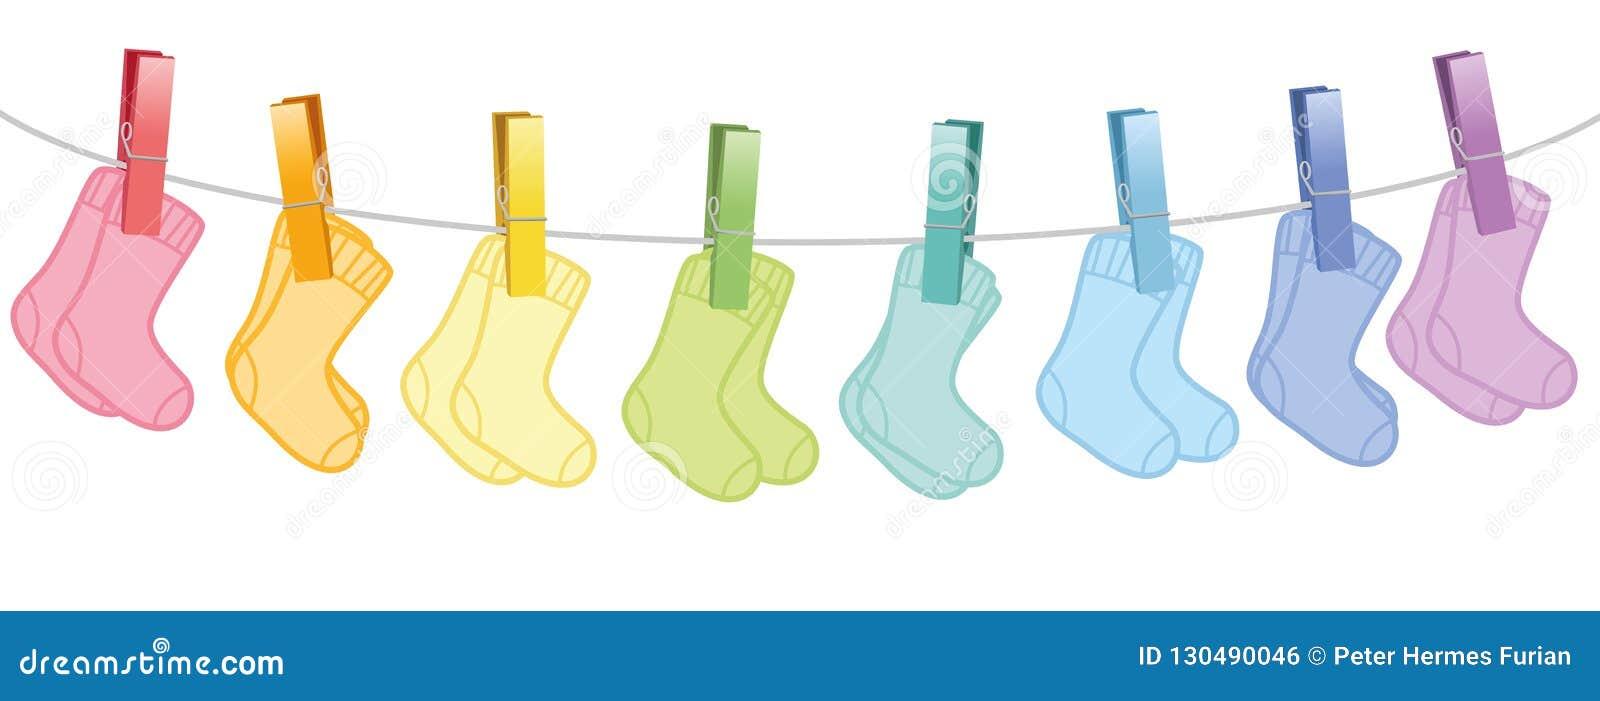 waslijn baby de sokken gekleurde paren vector